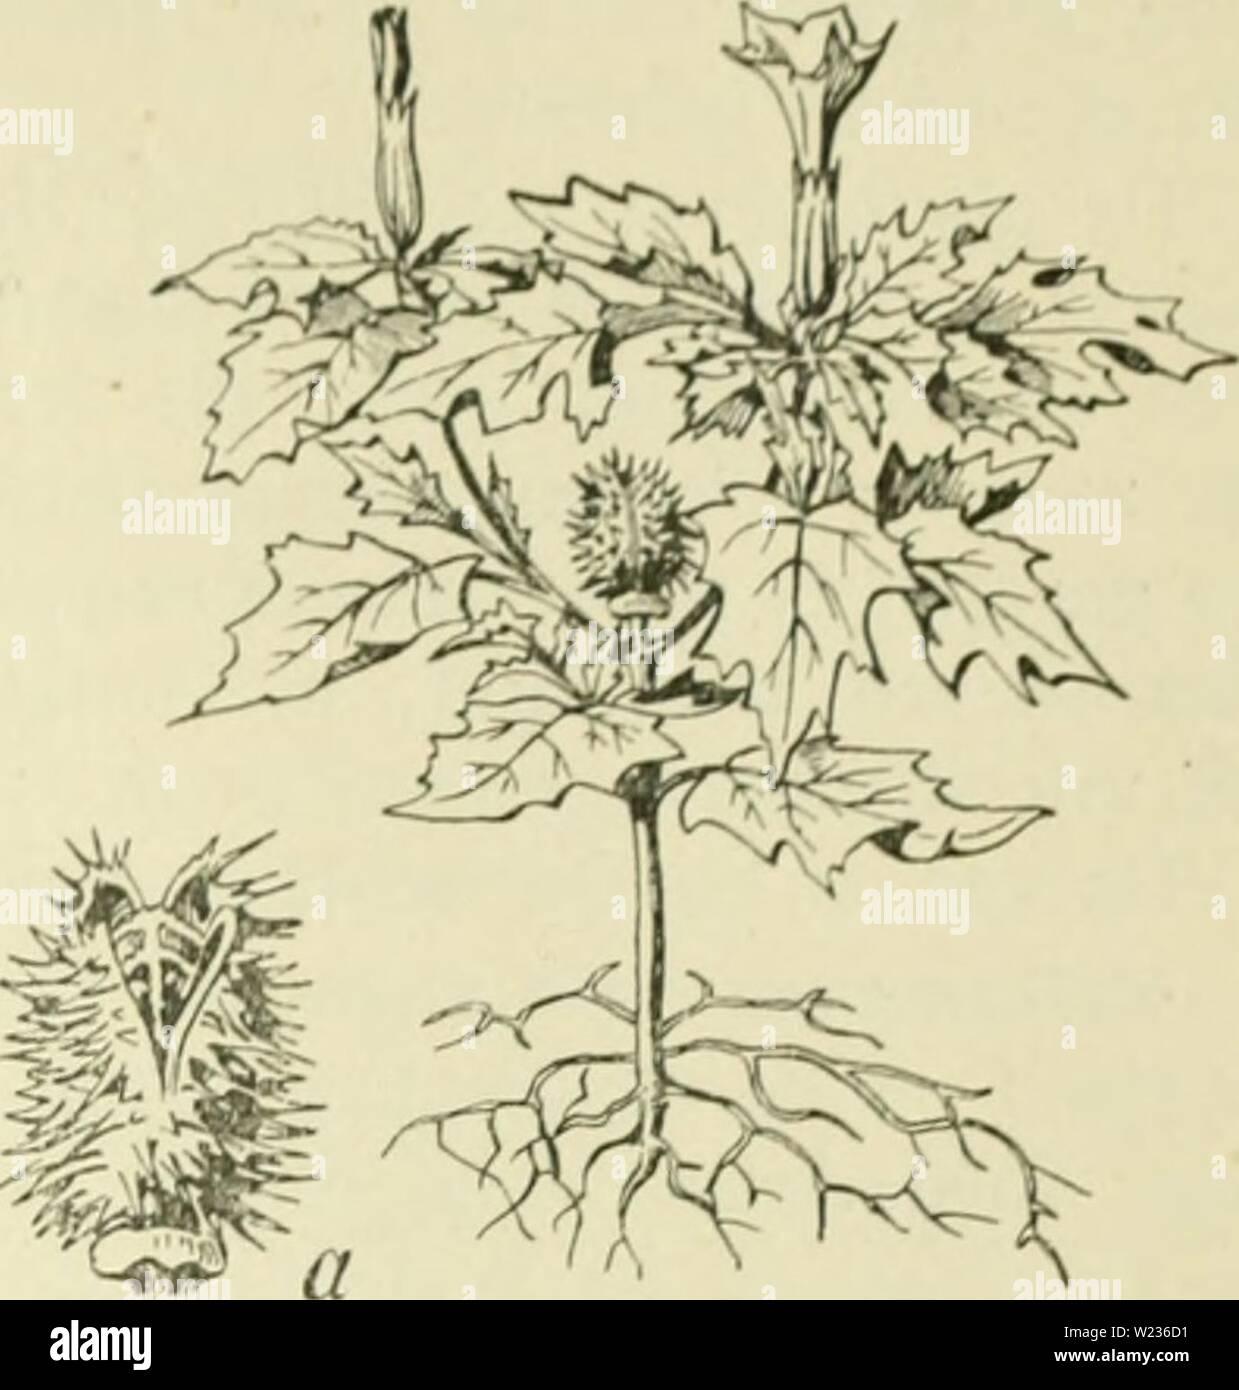 Archive image from page 138 of De flora van Nederland (1909-11). De flora van Nederland  defloravannederl03heuk Year: 1909-11.  FAMILIE 93. SOLANACEAE. — 119    Datura Stramonium Fig. 146. a vrucht. geplooid, in dcw l<noptoestand links gedraaid niet 5-Iobbigen zoom, welks slippen plotselin<4 fijn toegespitst zijn. De 5 nieeldraden zijn injesloten, neigen niet samen en liebben lijnvor- mige, overlangs openspringende helm- knopjes, die veel korter zijn dan de helmdraden. De stempel is 2-lobbig. De doosvrucht is rechtopstaand, groot, dicht met ongelijke, stijve stekels be- zet, eirond, met - Stock Image